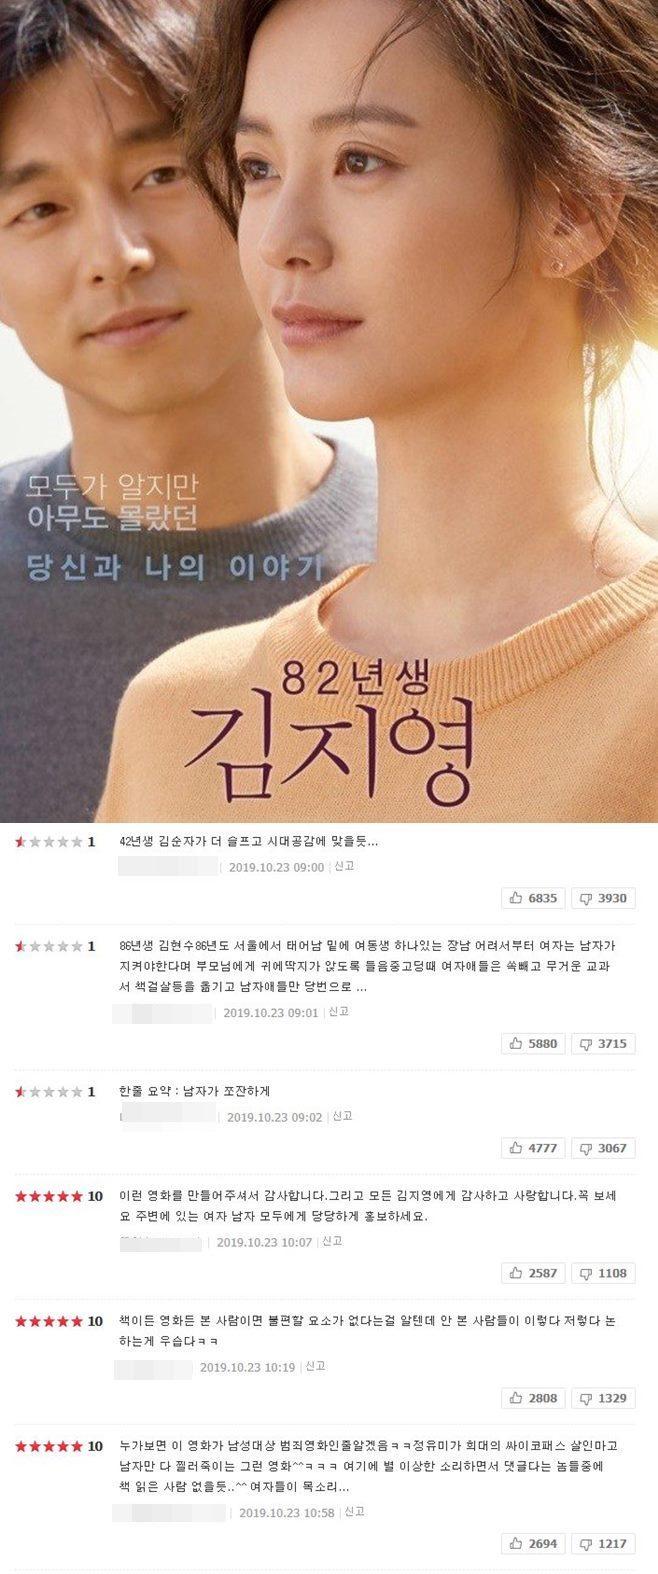 82년생 김지영 영화 공유 정유미 개봉 반응 관람객 평점